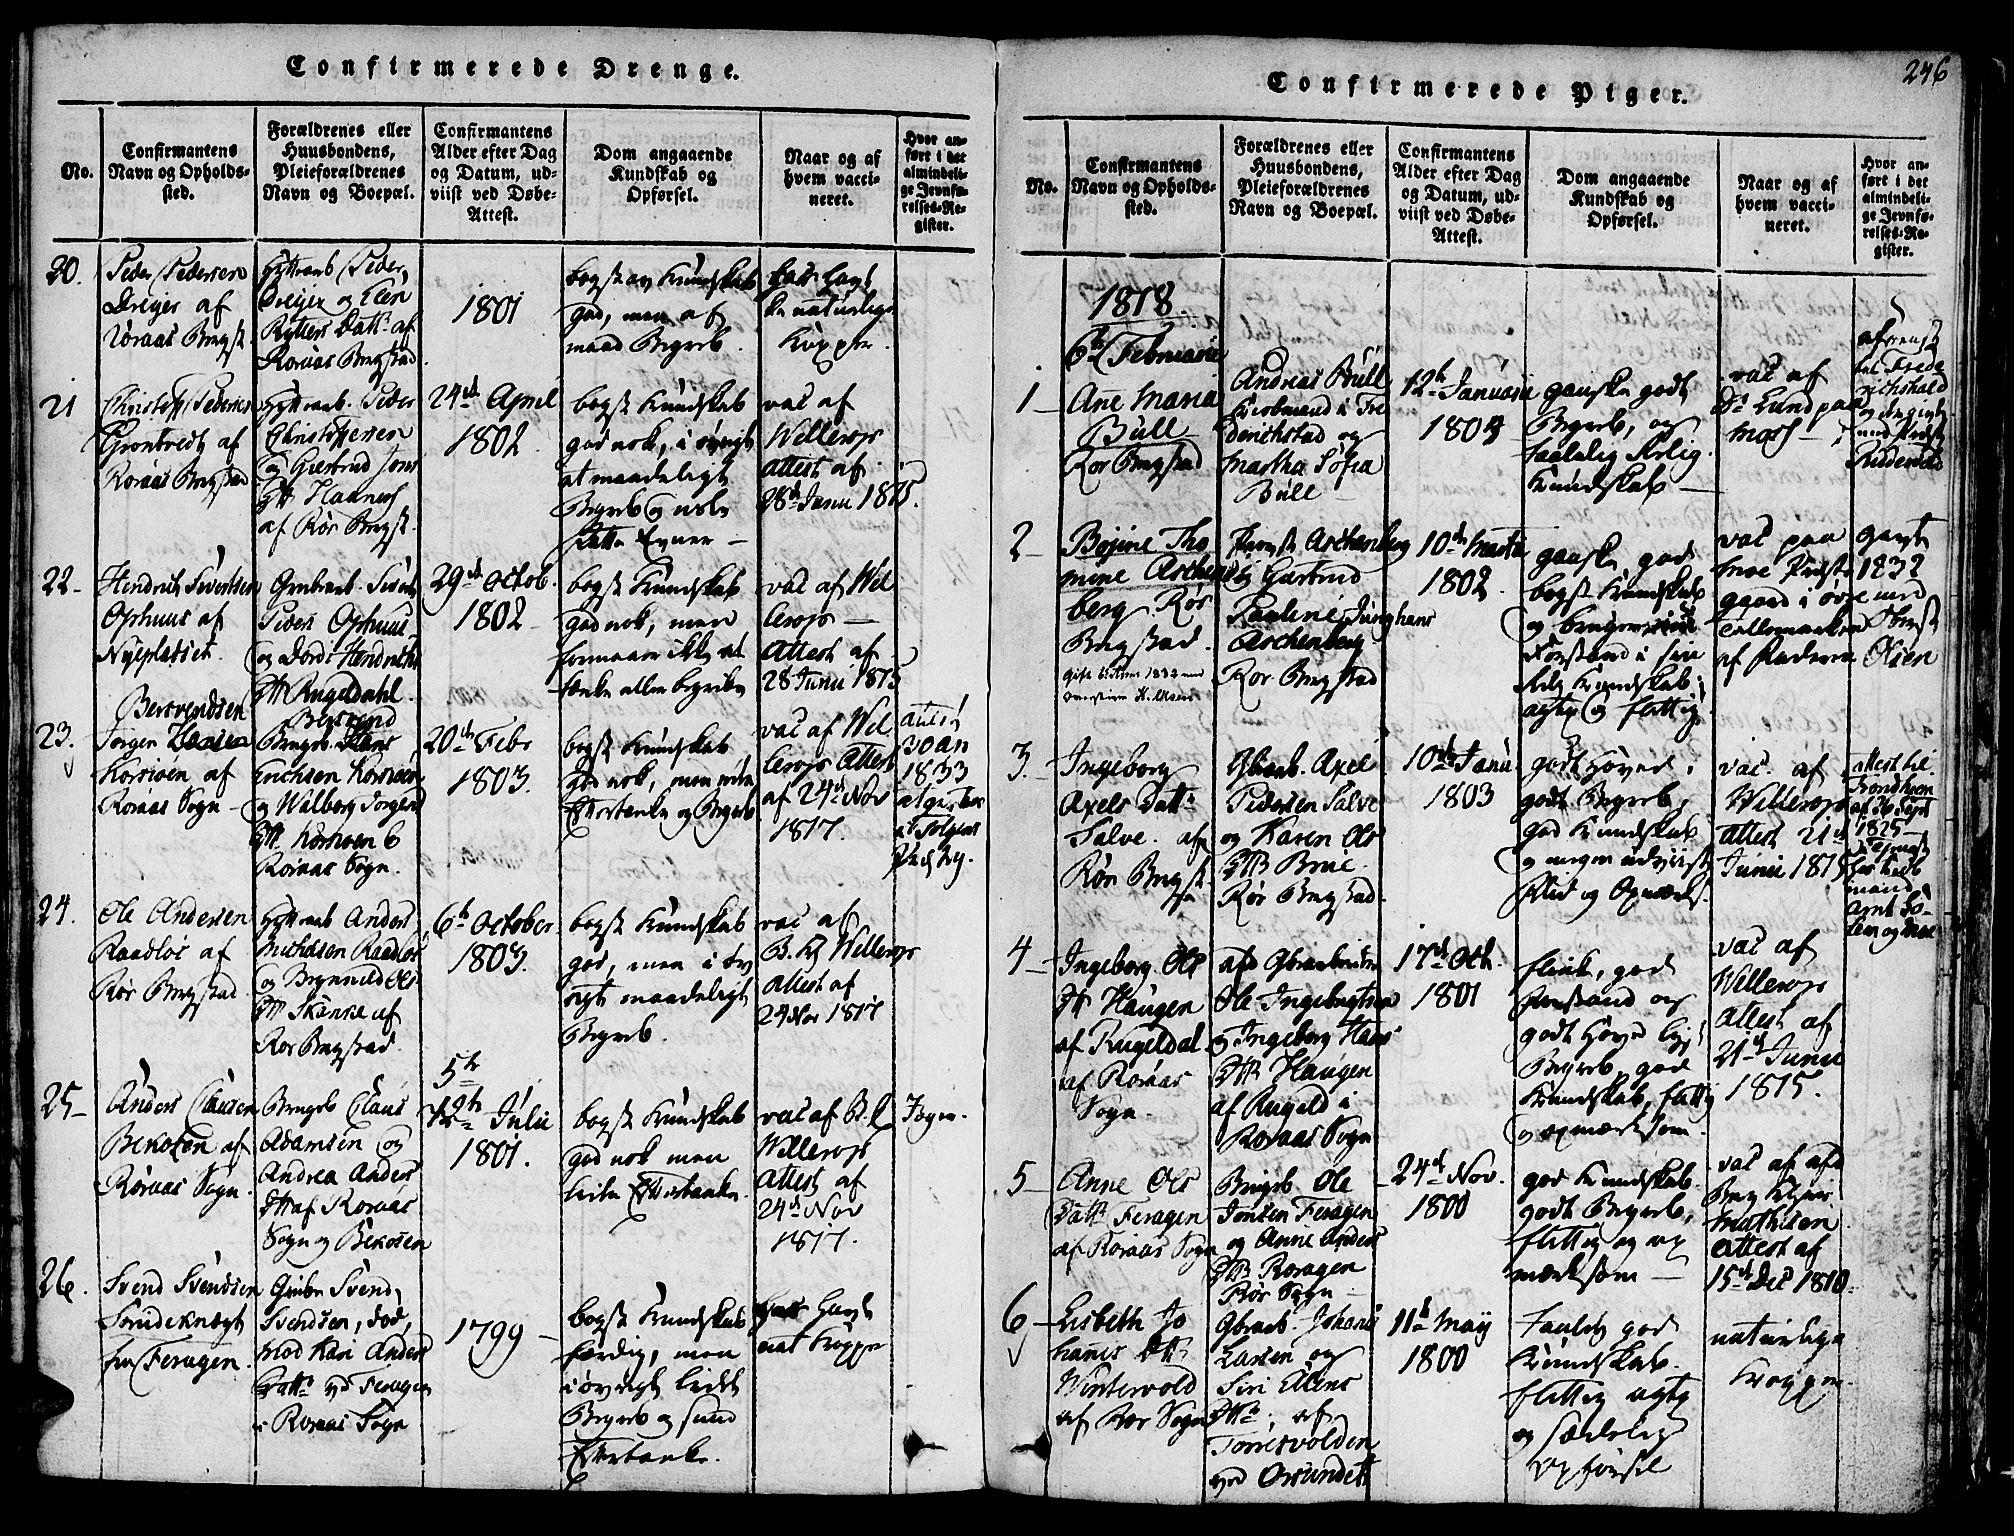 SAT, Ministerialprotokoller, klokkerbøker og fødselsregistre - Sør-Trøndelag, 681/L0929: Ministerialbok nr. 681A07, 1817-1828, s. 246